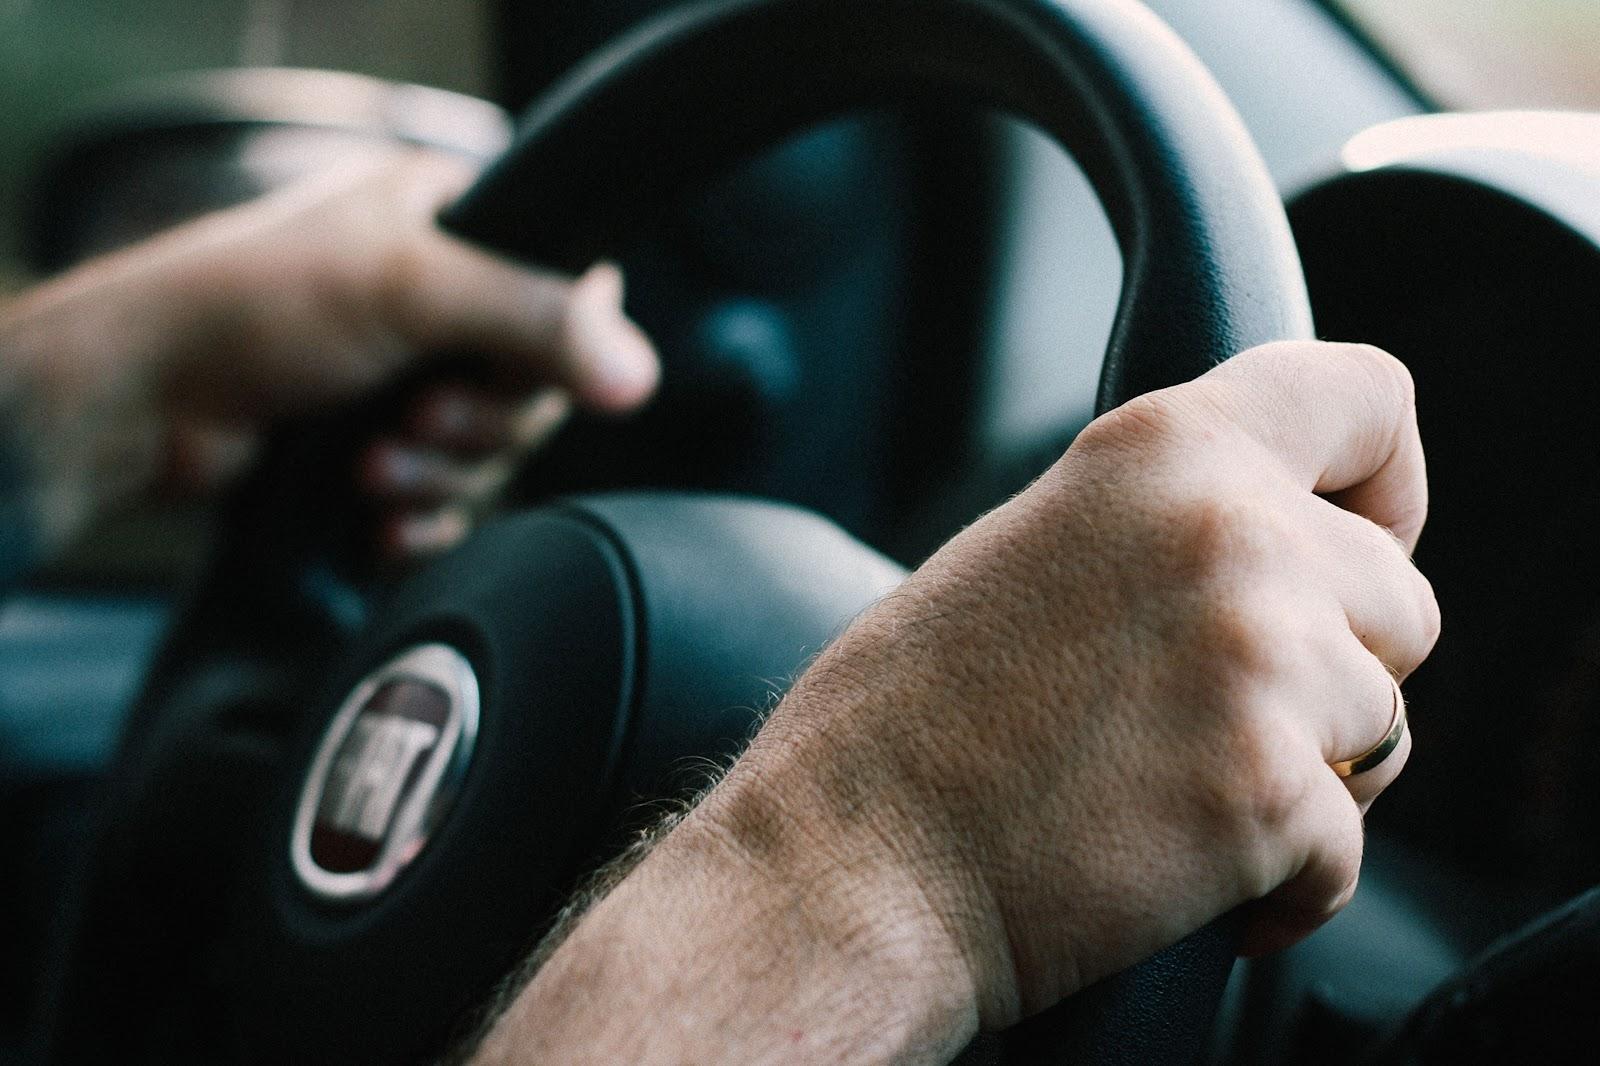 Duas mãos segurando o volante do carro.